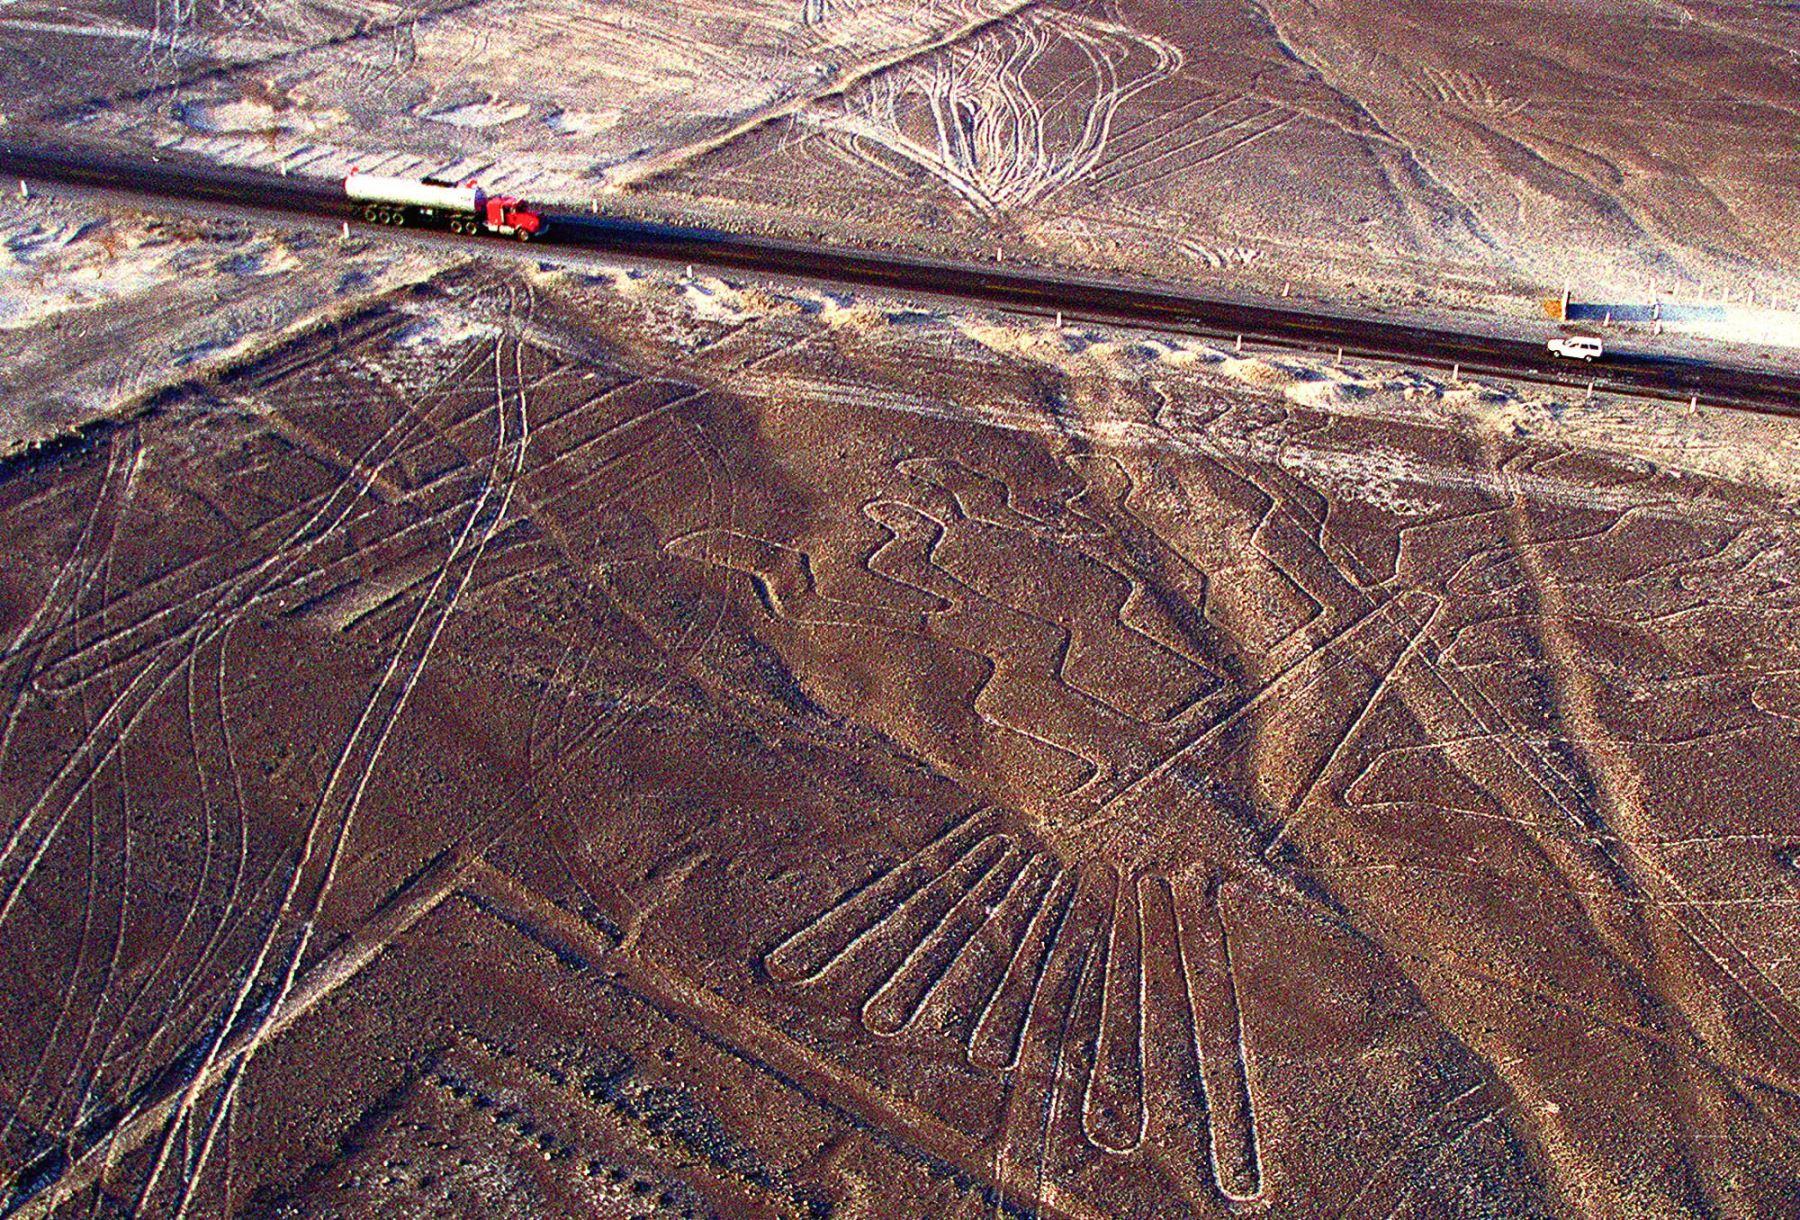 El reciente hallazgo de un nuevo geoglifo en el desierto de Nasca, en el sector de la pampa de Majuelos, ha vuelto a poner en relieve la importancia para la comunidad científica y el sector turístico de este sitio arqueológico, reconocido como patrimonio mundial por la Unesco.